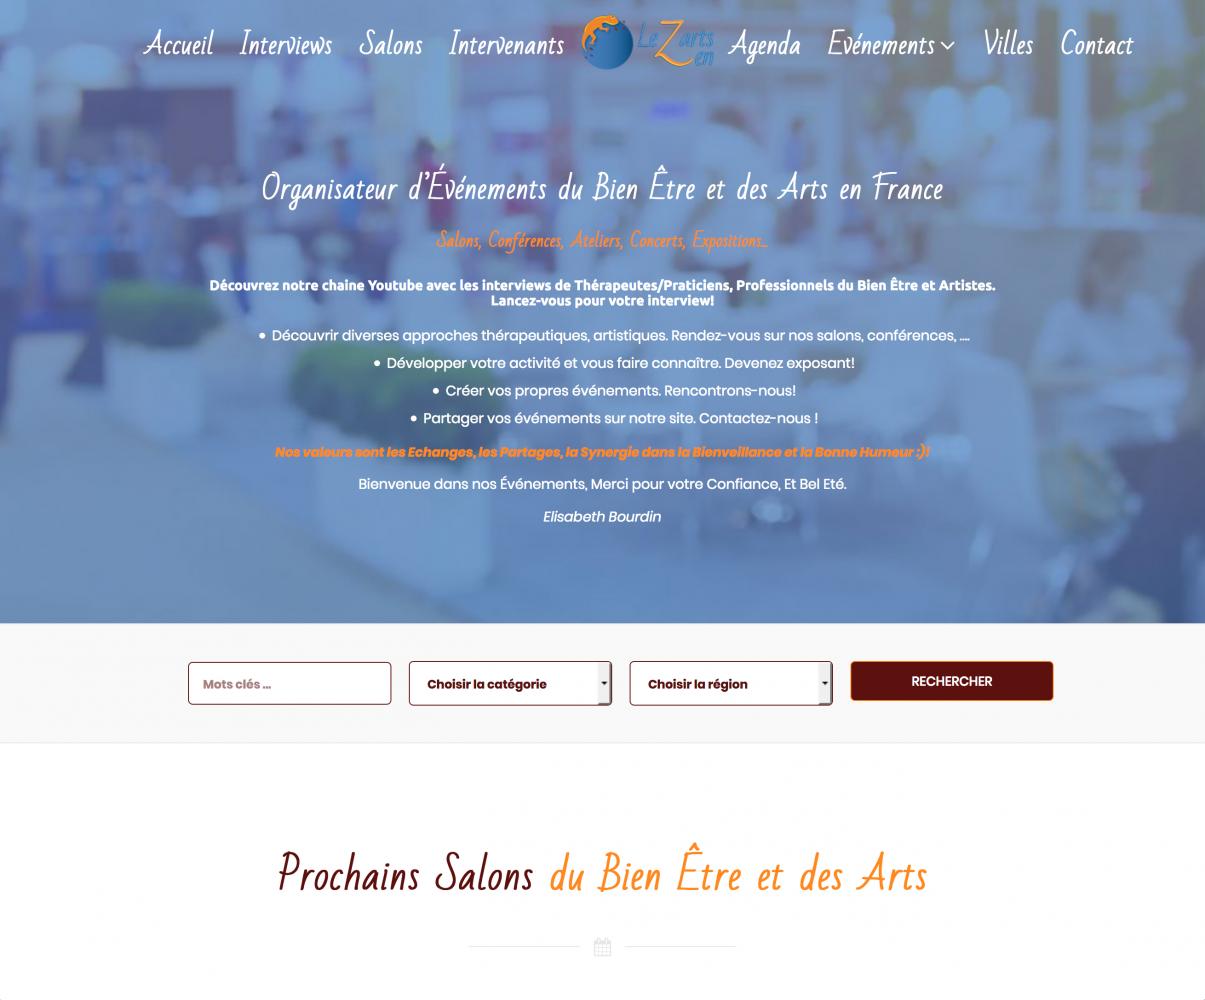 Calendrier Des Salons Bien Etre 2020.Lezarts Zen I Organisateur D Evenements Du Bien Etre Salon